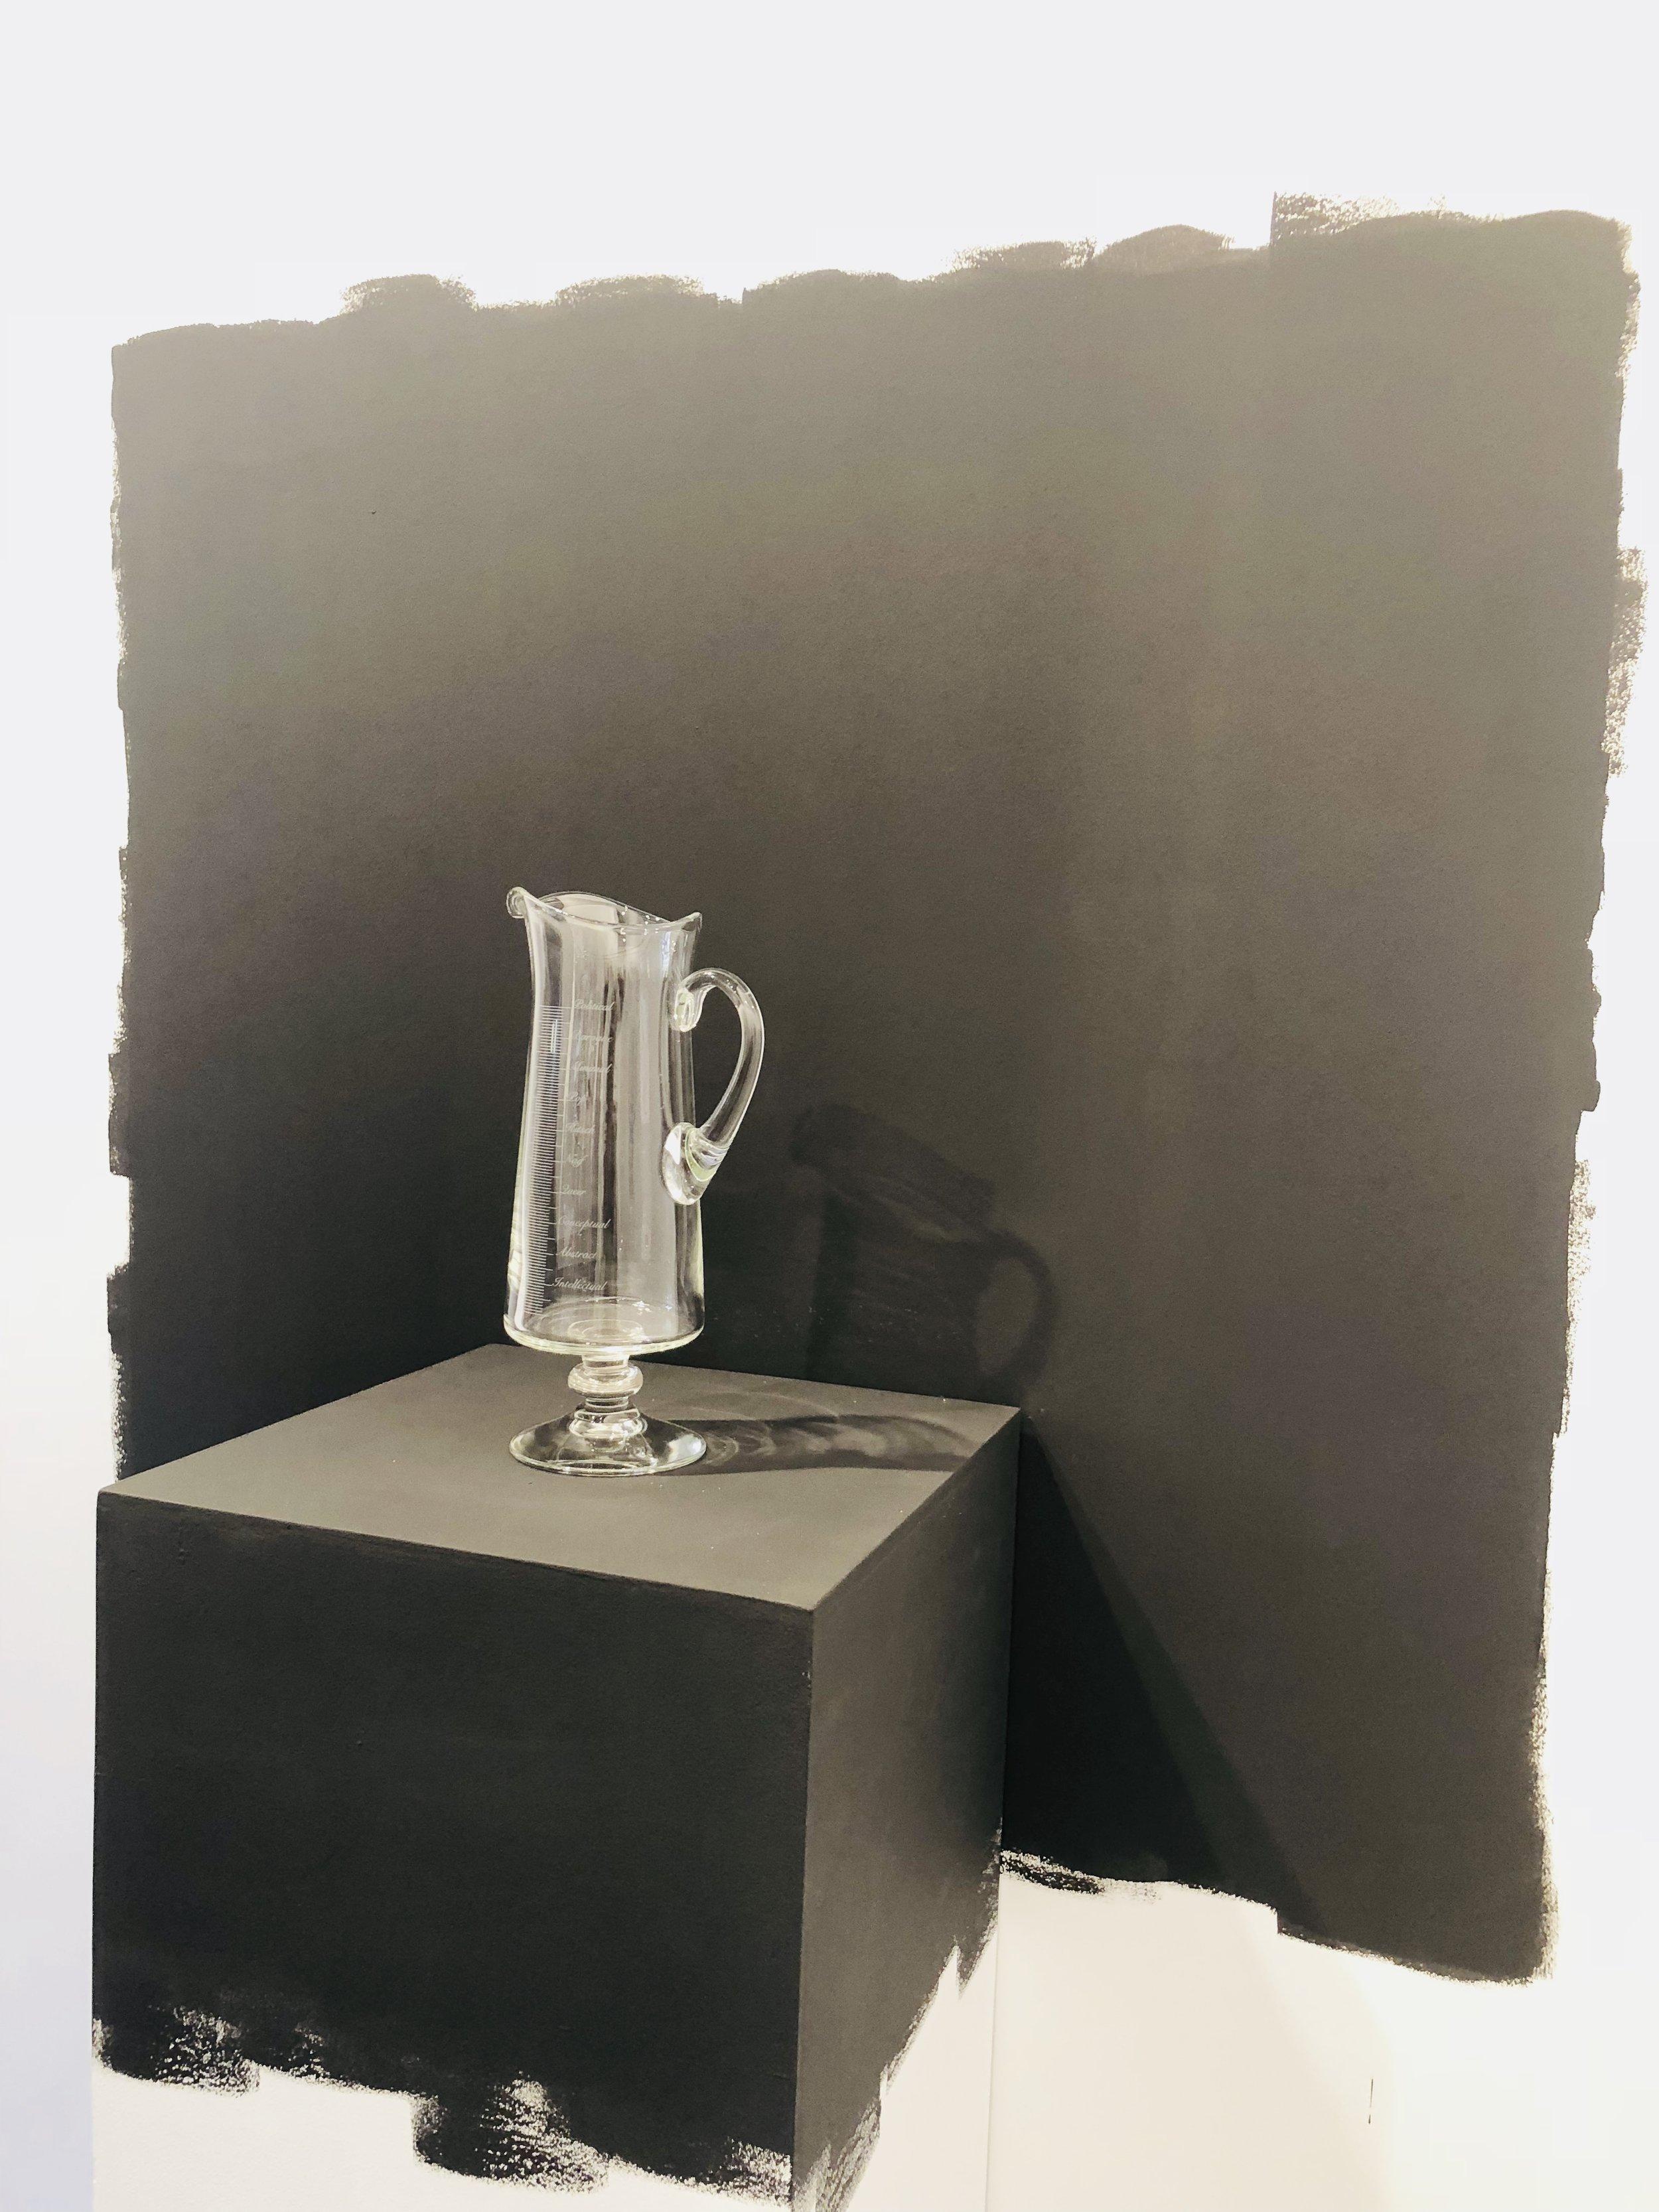 Miguel Ángel Gaüeca's Snell Jug at Galeria Espacio Minimo